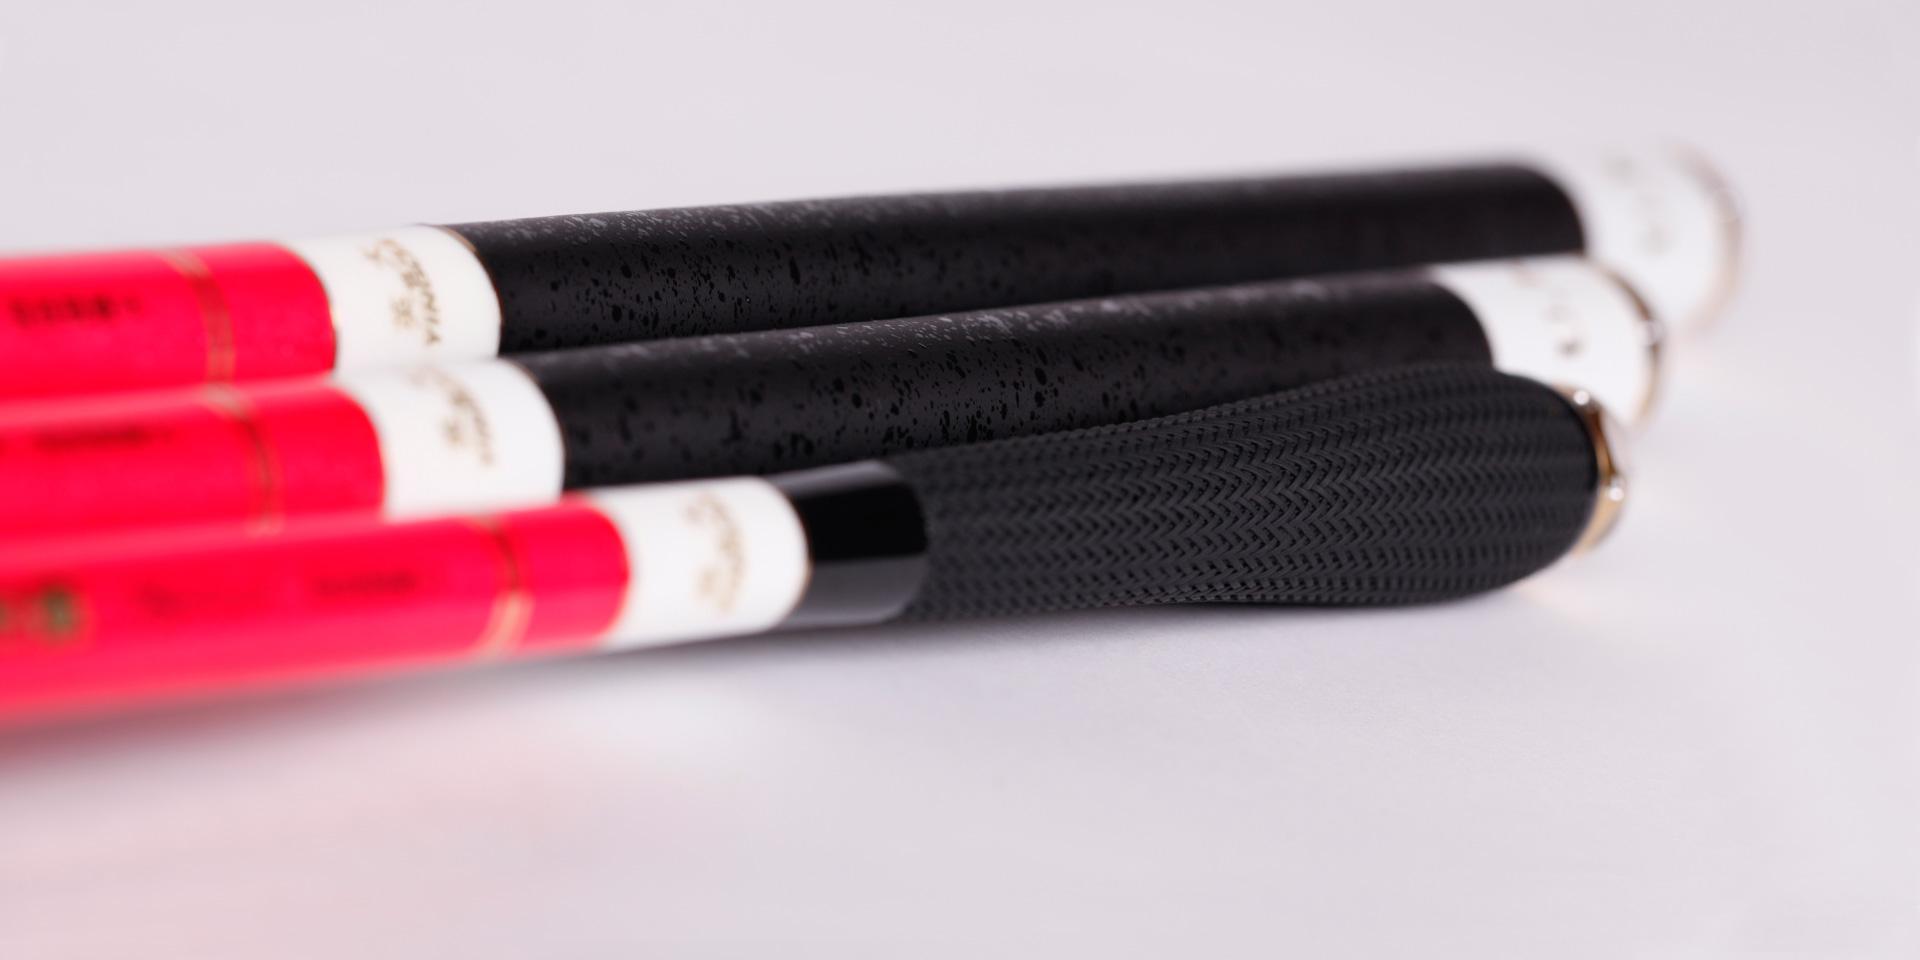 2.7m/3.0m配黑色橡胶防滑式葫芦型手把,手感舒适<br />3.6m/3.9m/4.5m/4.8m/5.4m/5.7m/6.3m配黑色特制起凸防滑式手把,握感优越